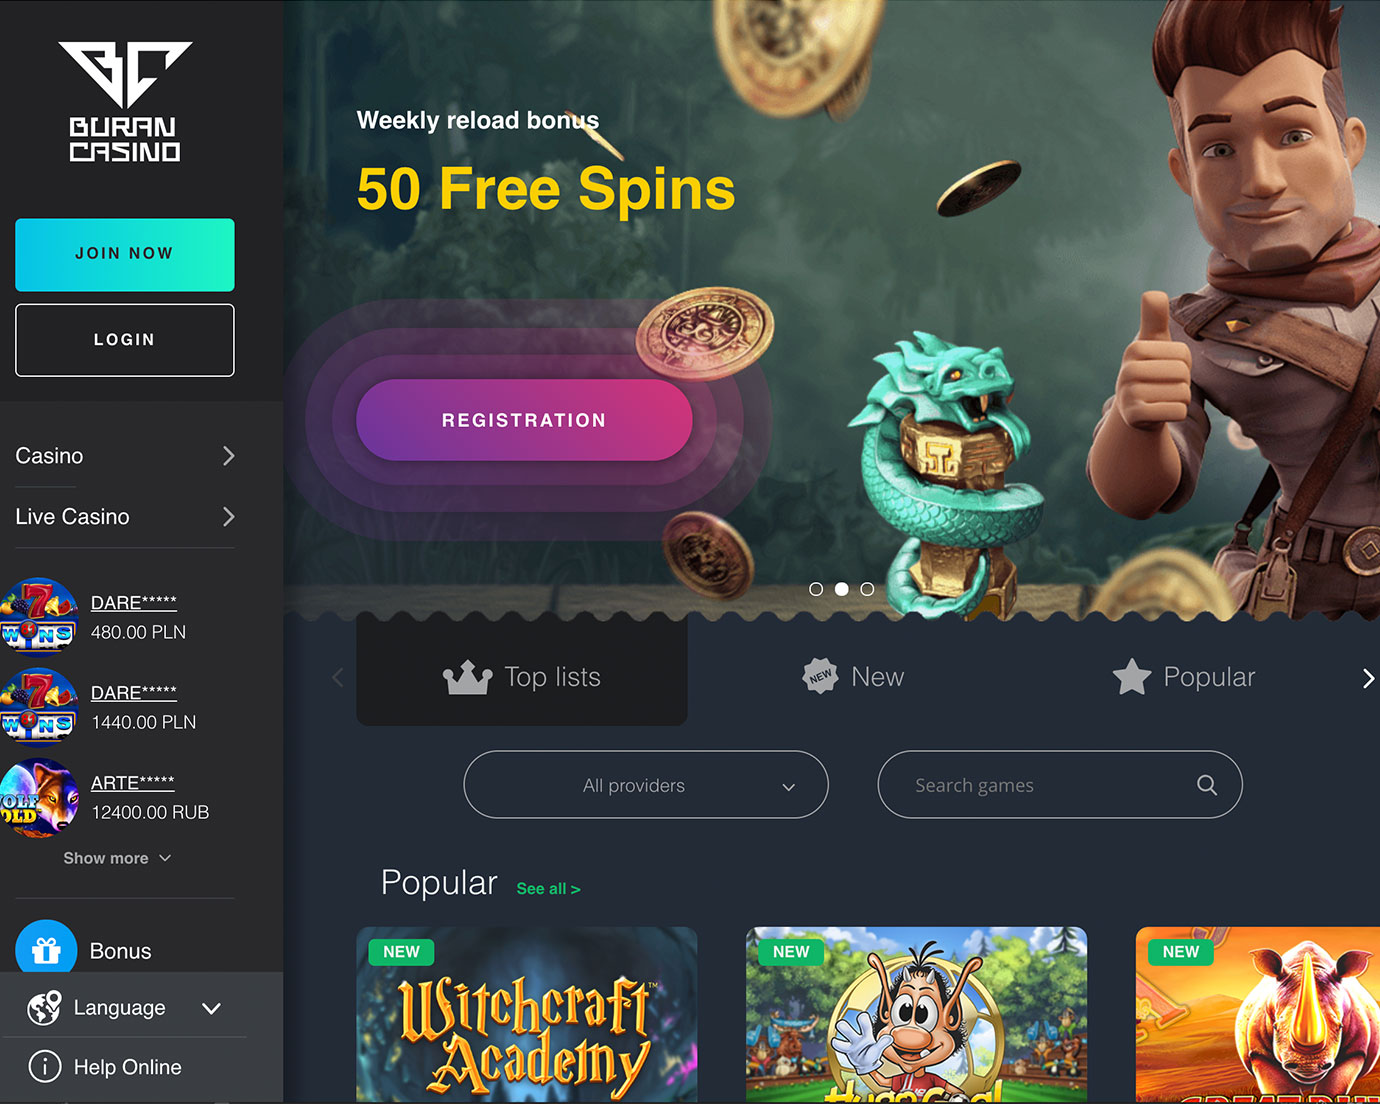 официальный сайт казино buran